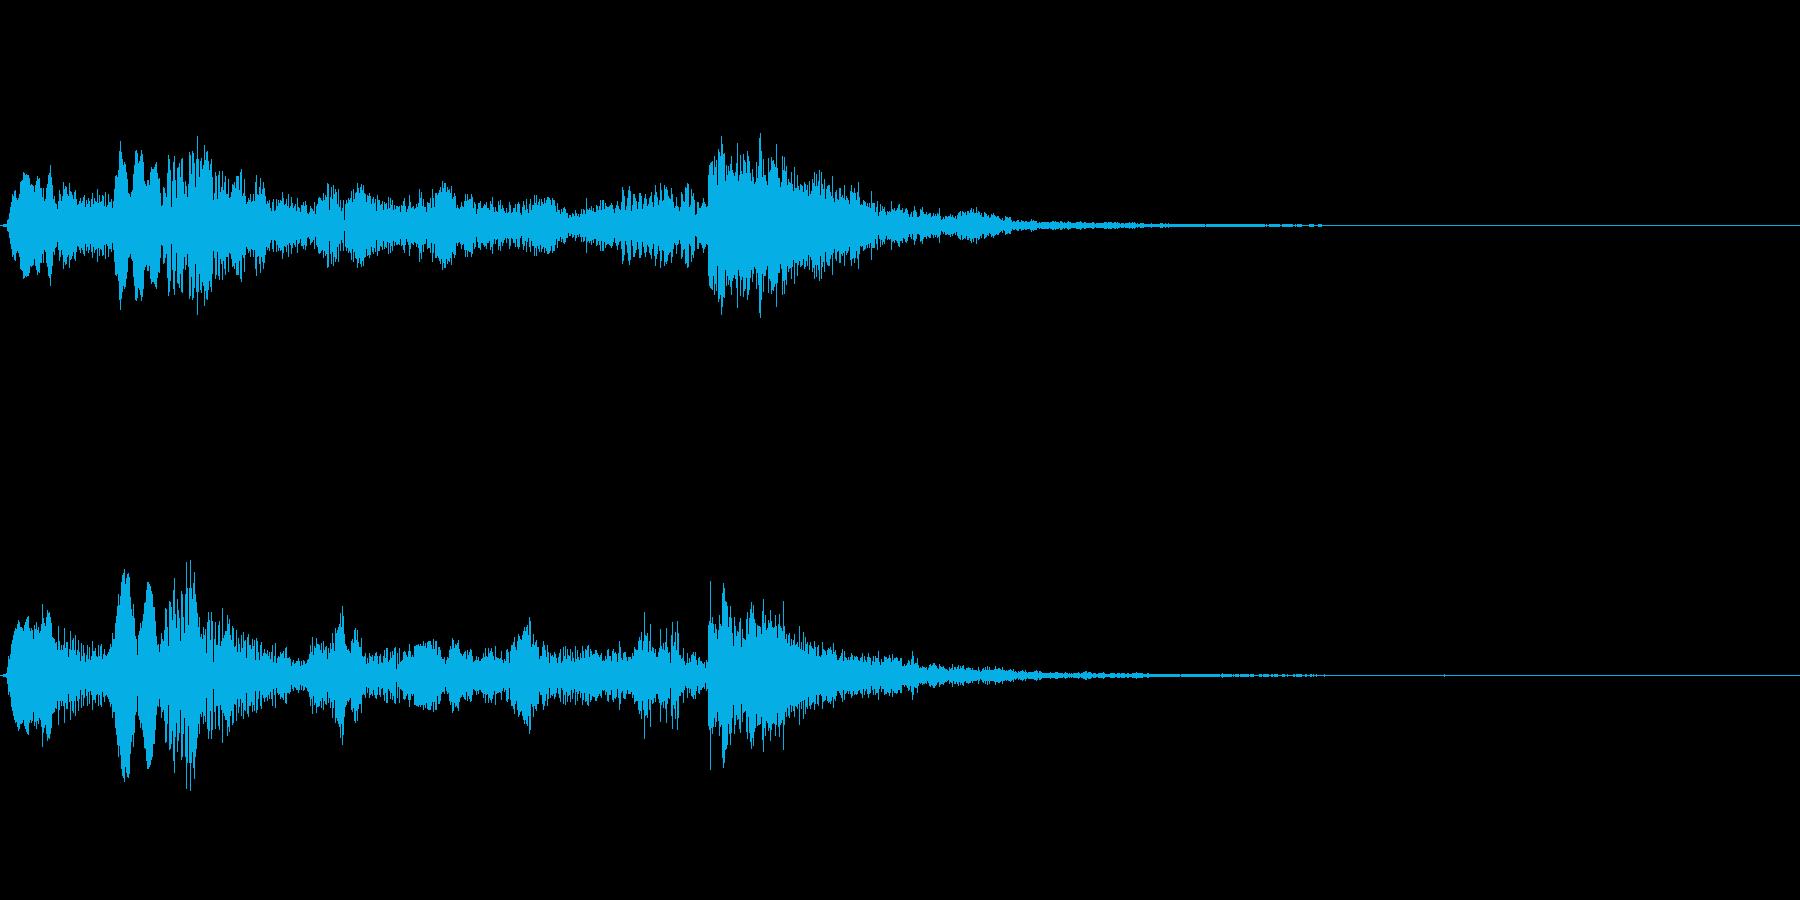 リコーダージングル、下るメロディの再生済みの波形